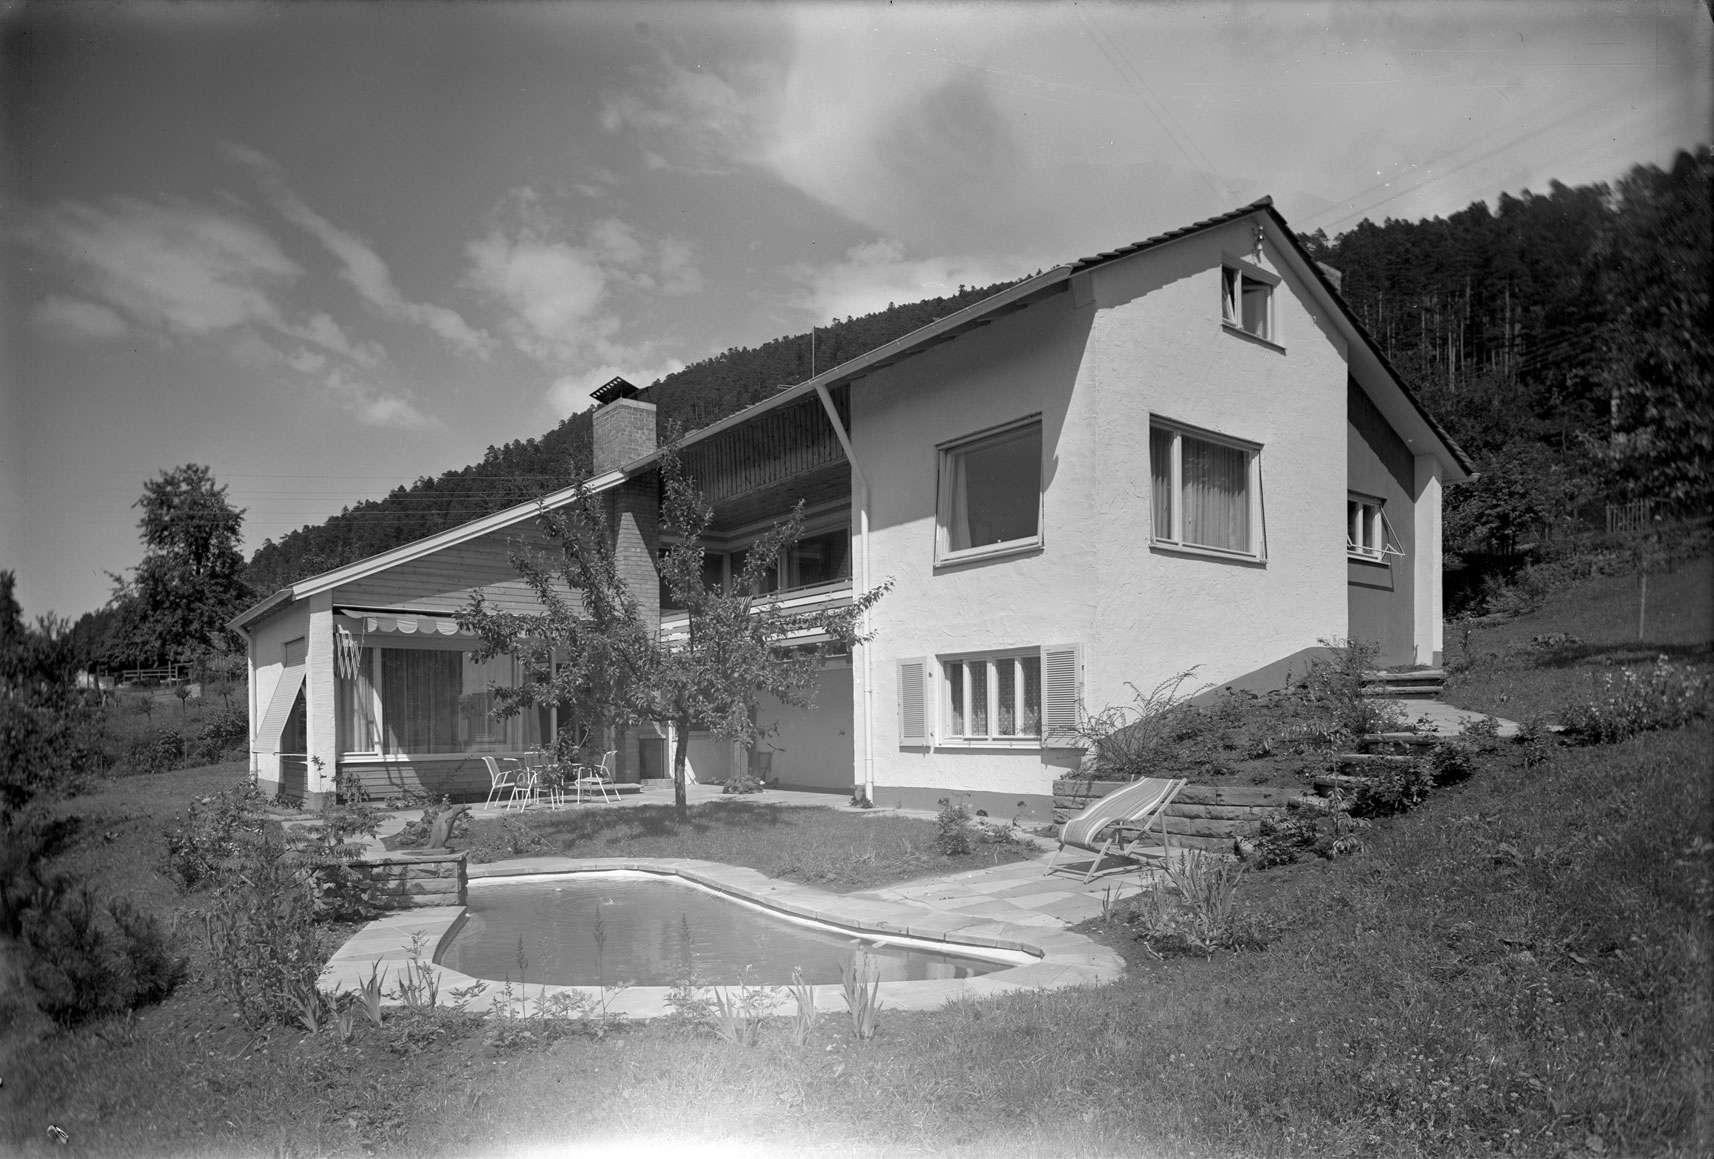 Wildbad 1958 u.a. (1), Nr 003